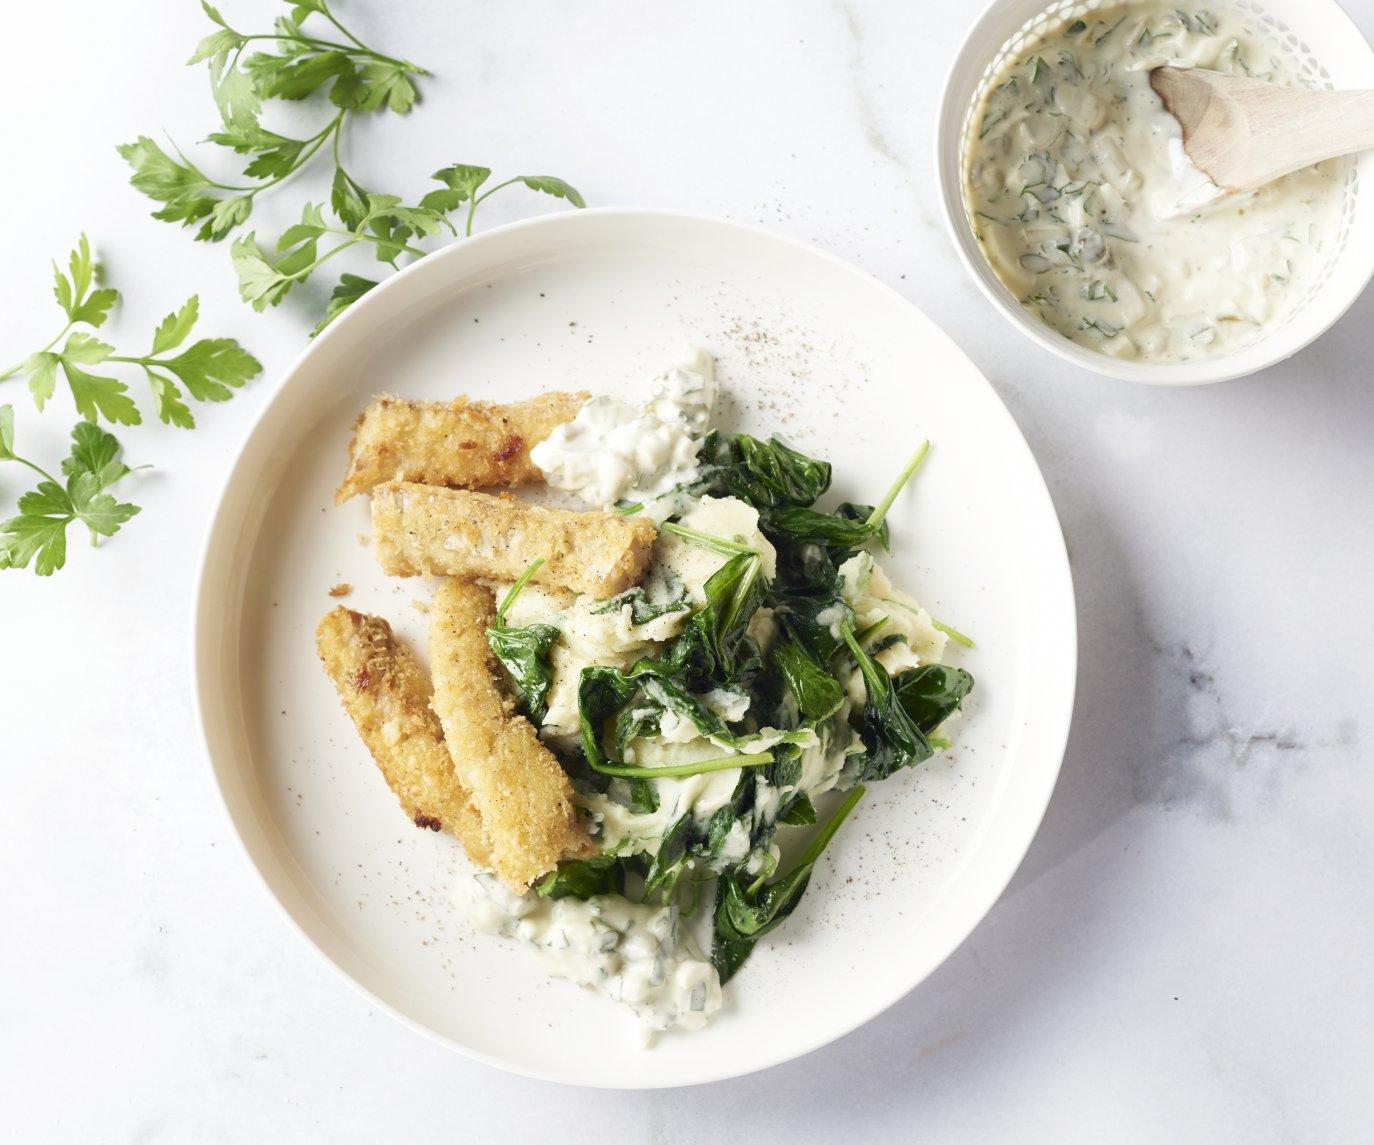 Zelfgemaakte fishsticks met spinaziepuree en tartaarsaus